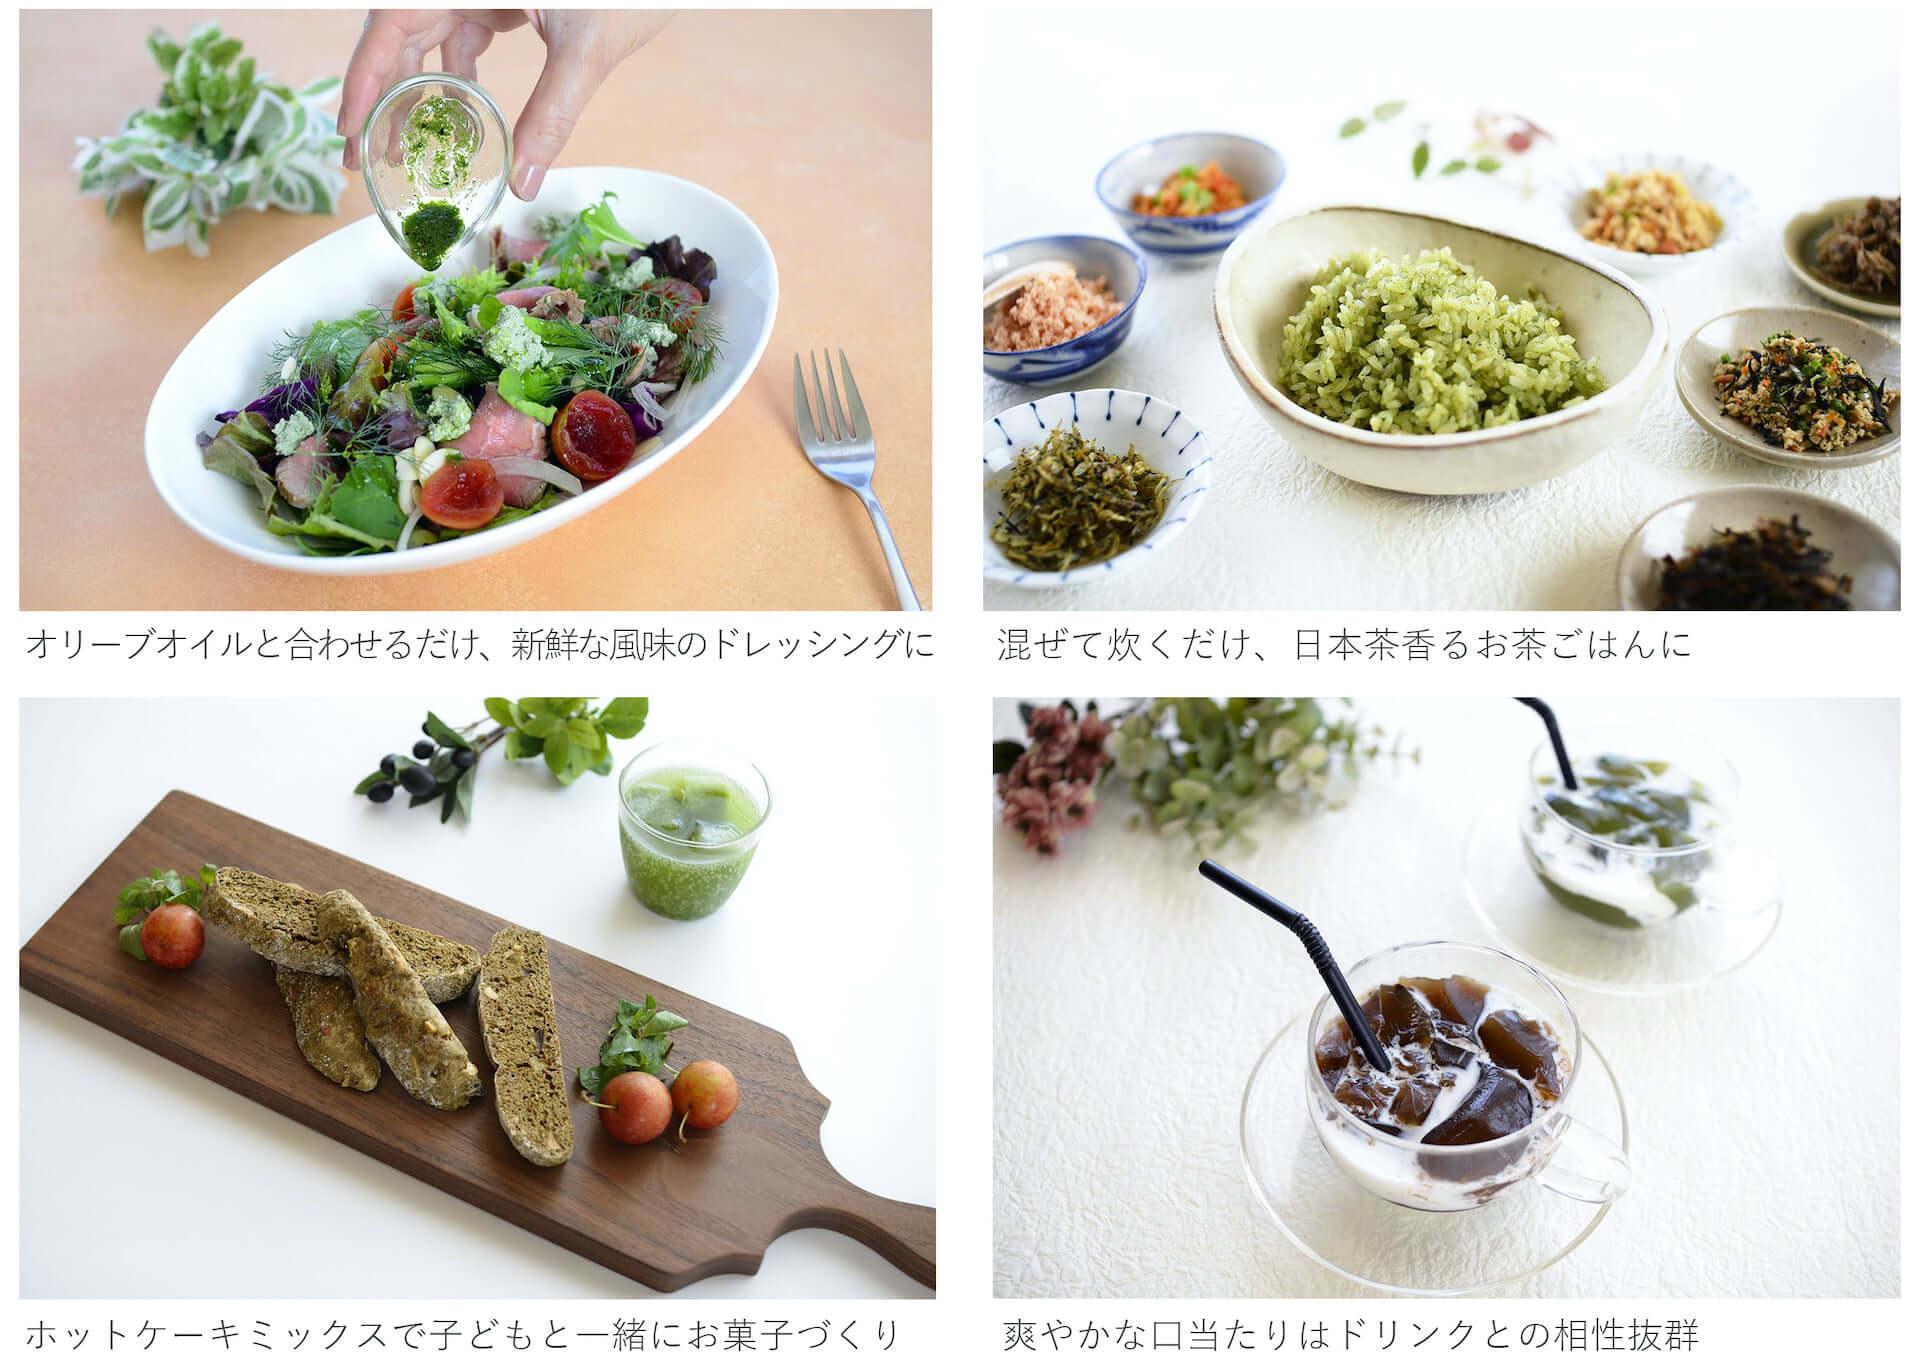 日本茶を使ったヘルシーなおうちごはん!おいしい日本茶研究所がブログでレシピを公開中 gourmet200525_oitea_recipe_1-1920x1362